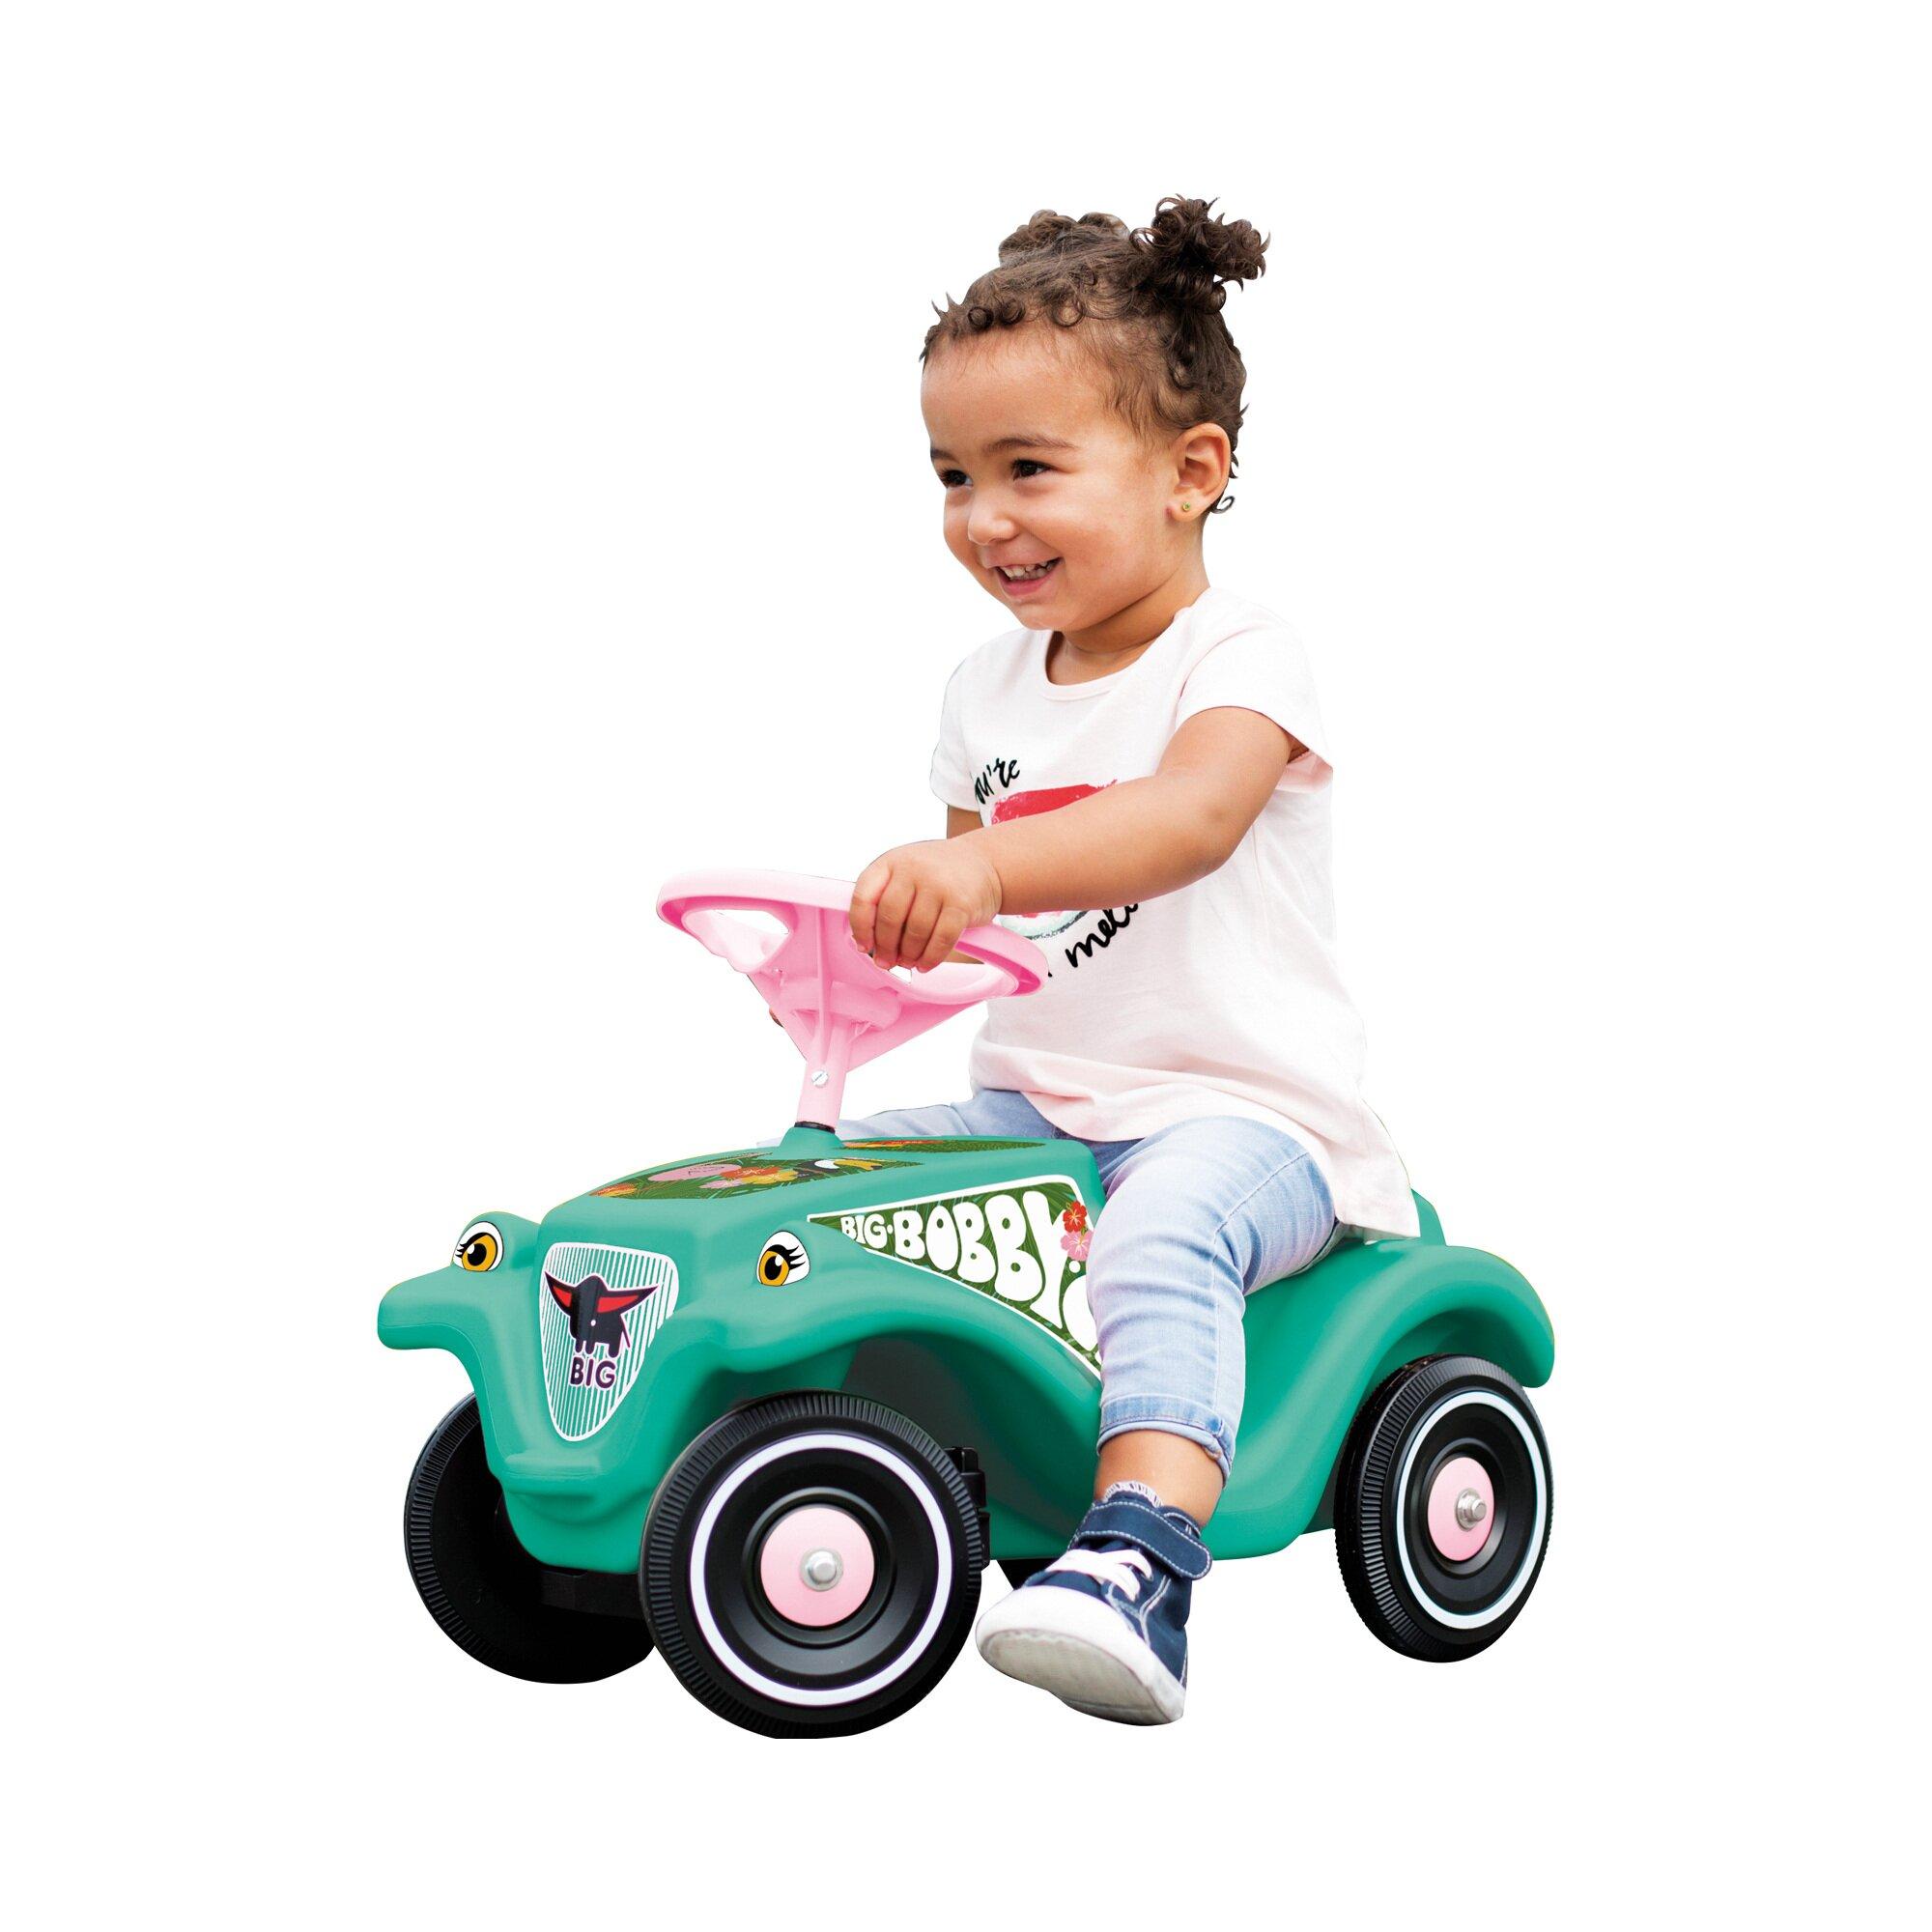 big-bobby-car-classic-tropic-flamingo